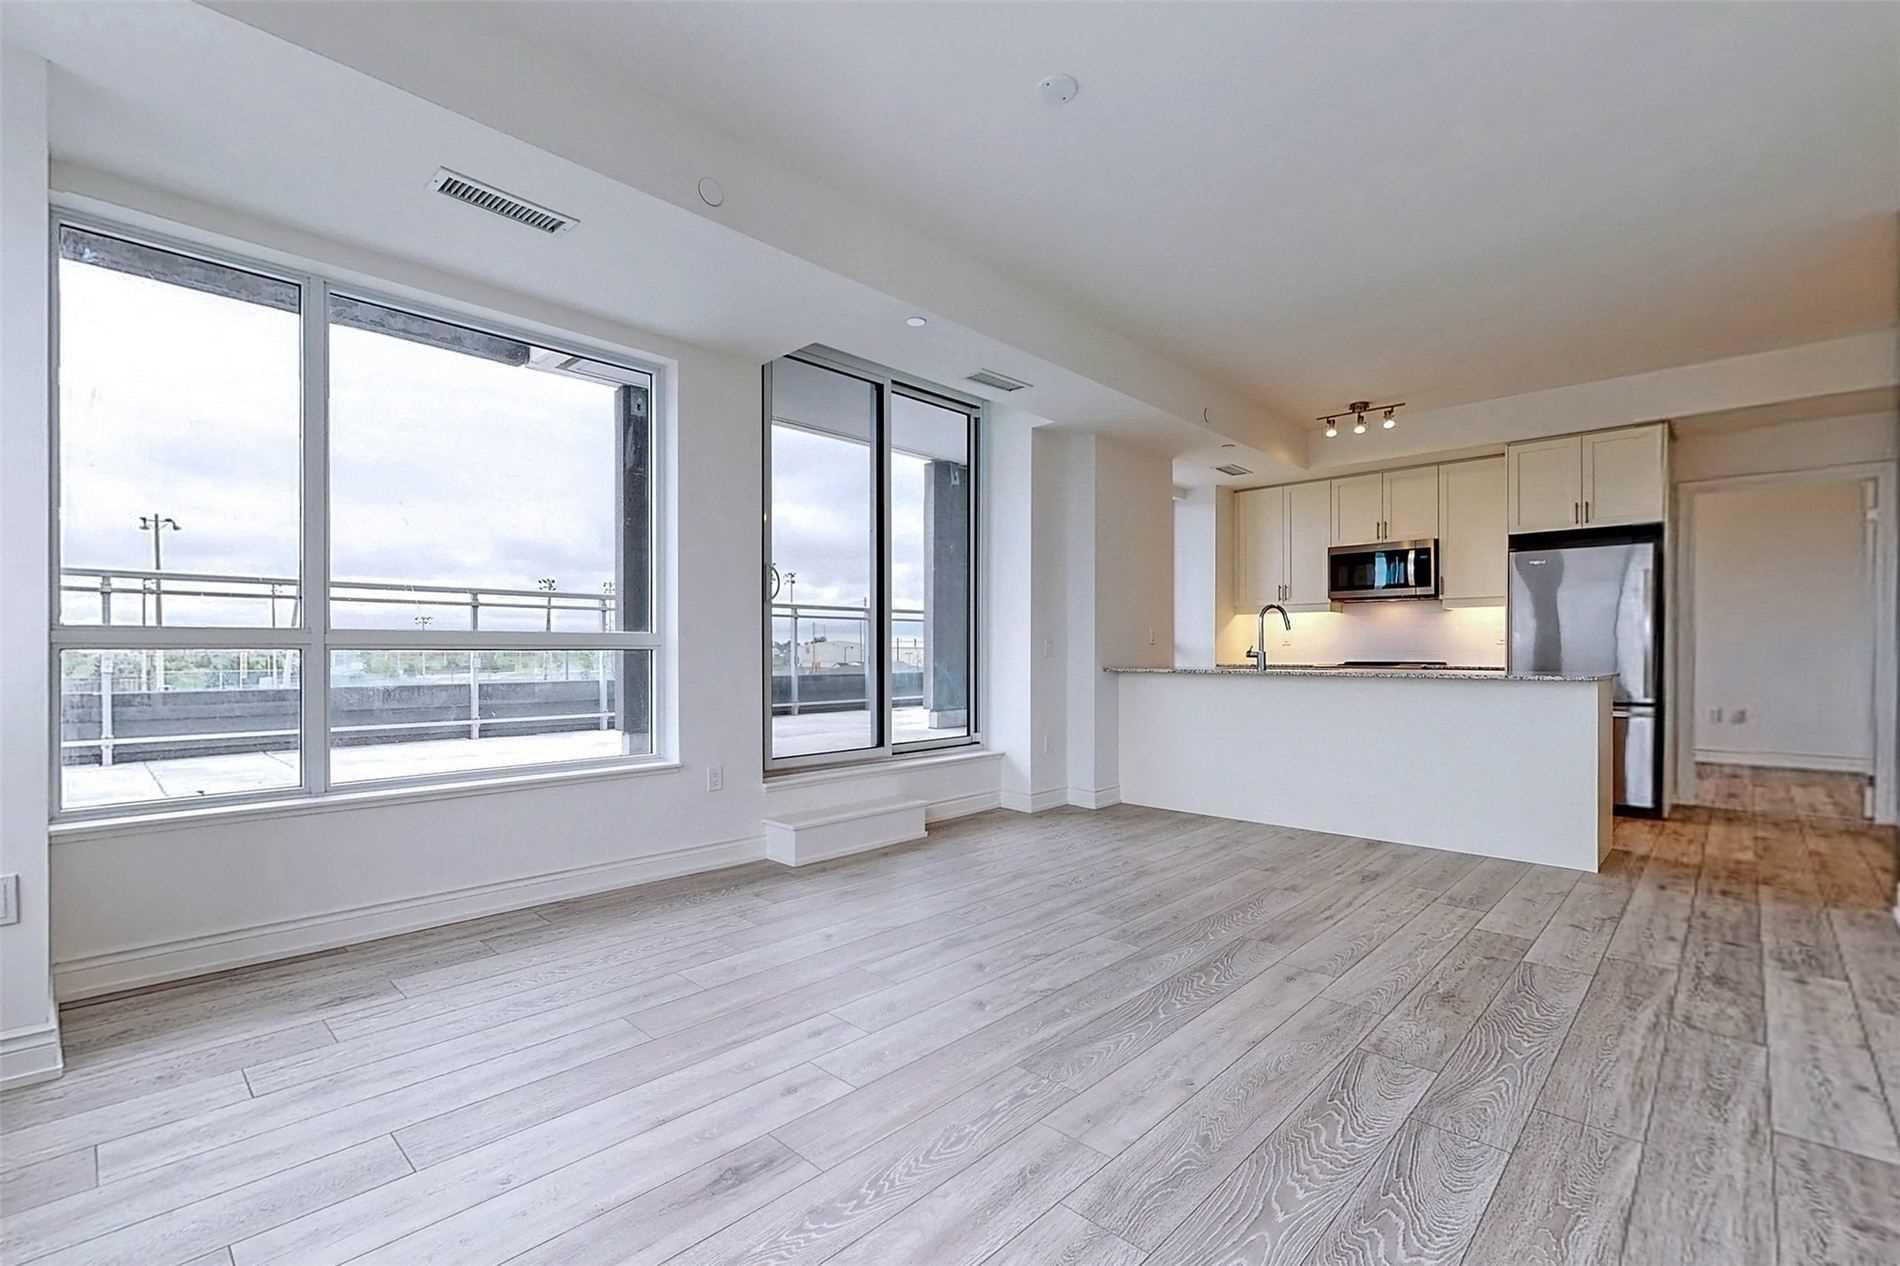 221 - 1050 Main St E - Dempsey Condo Apt for sale, 3 Bedrooms (W5398557) - #12